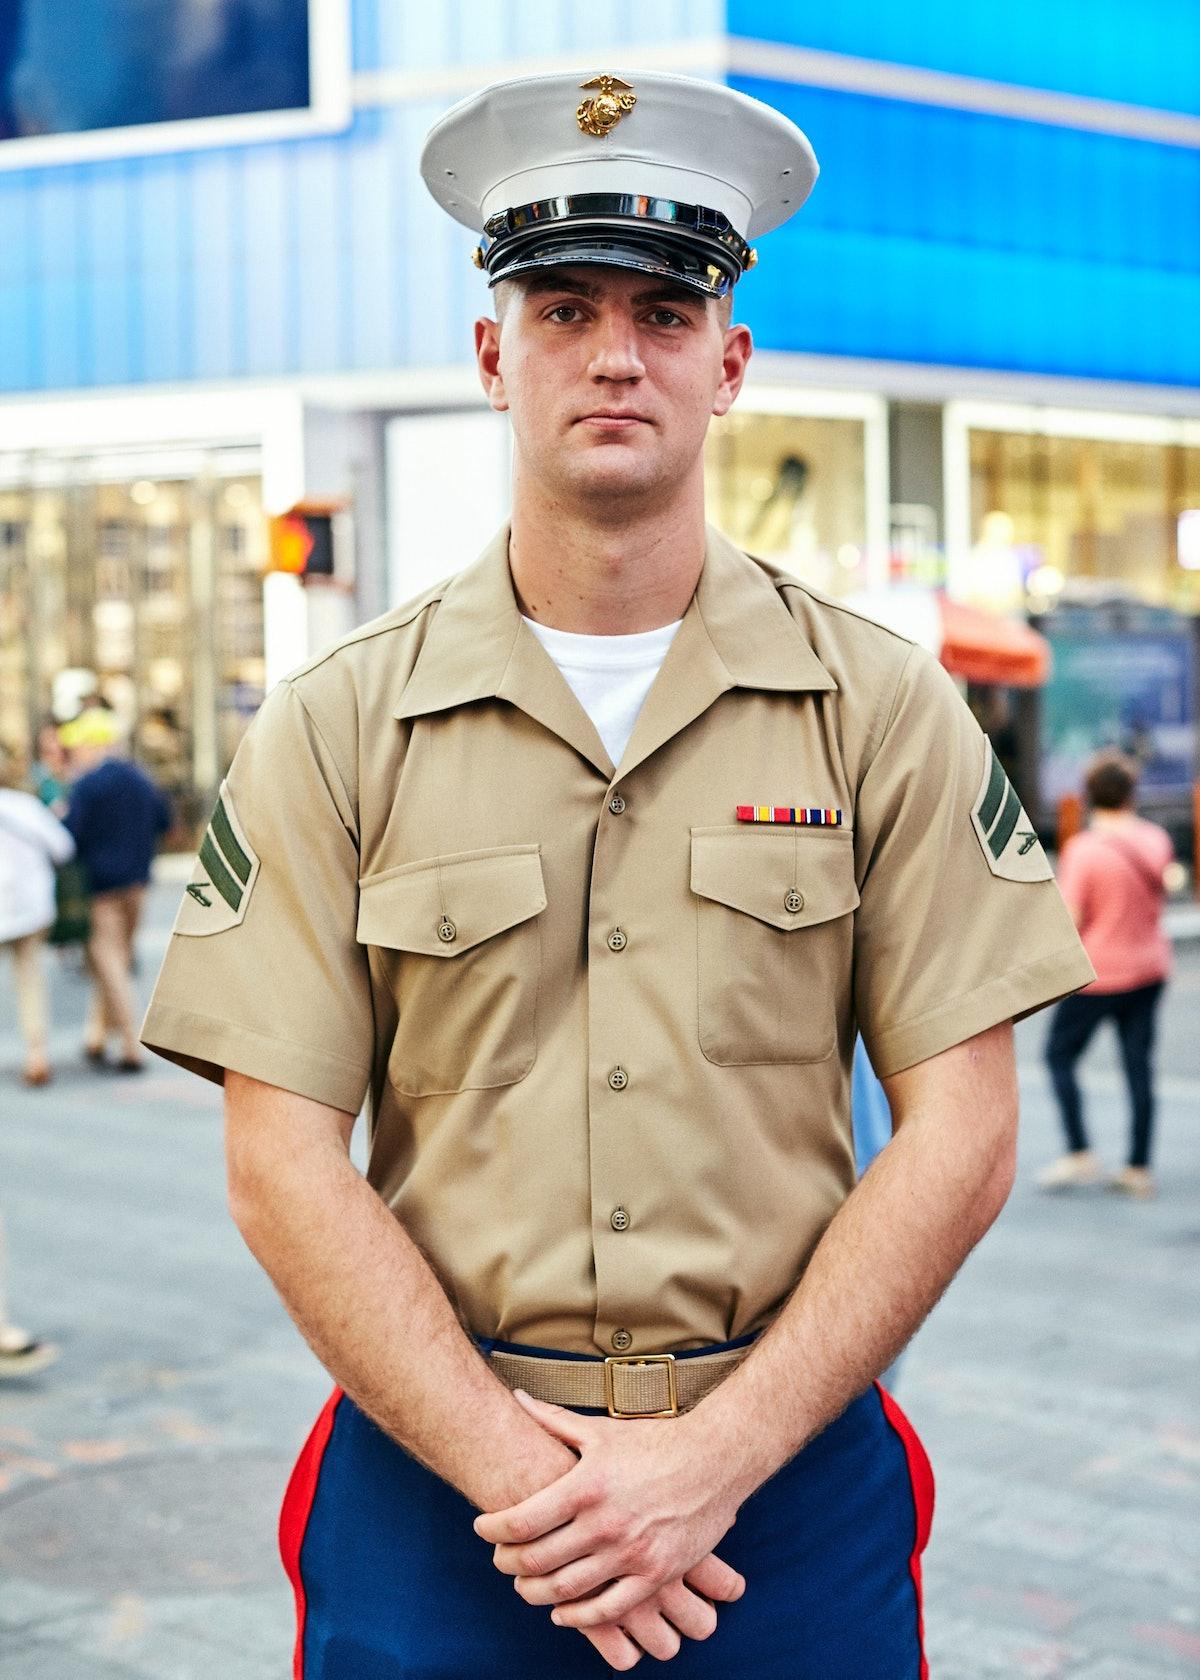 FLEETWEEK_306 - Times Square.jpg